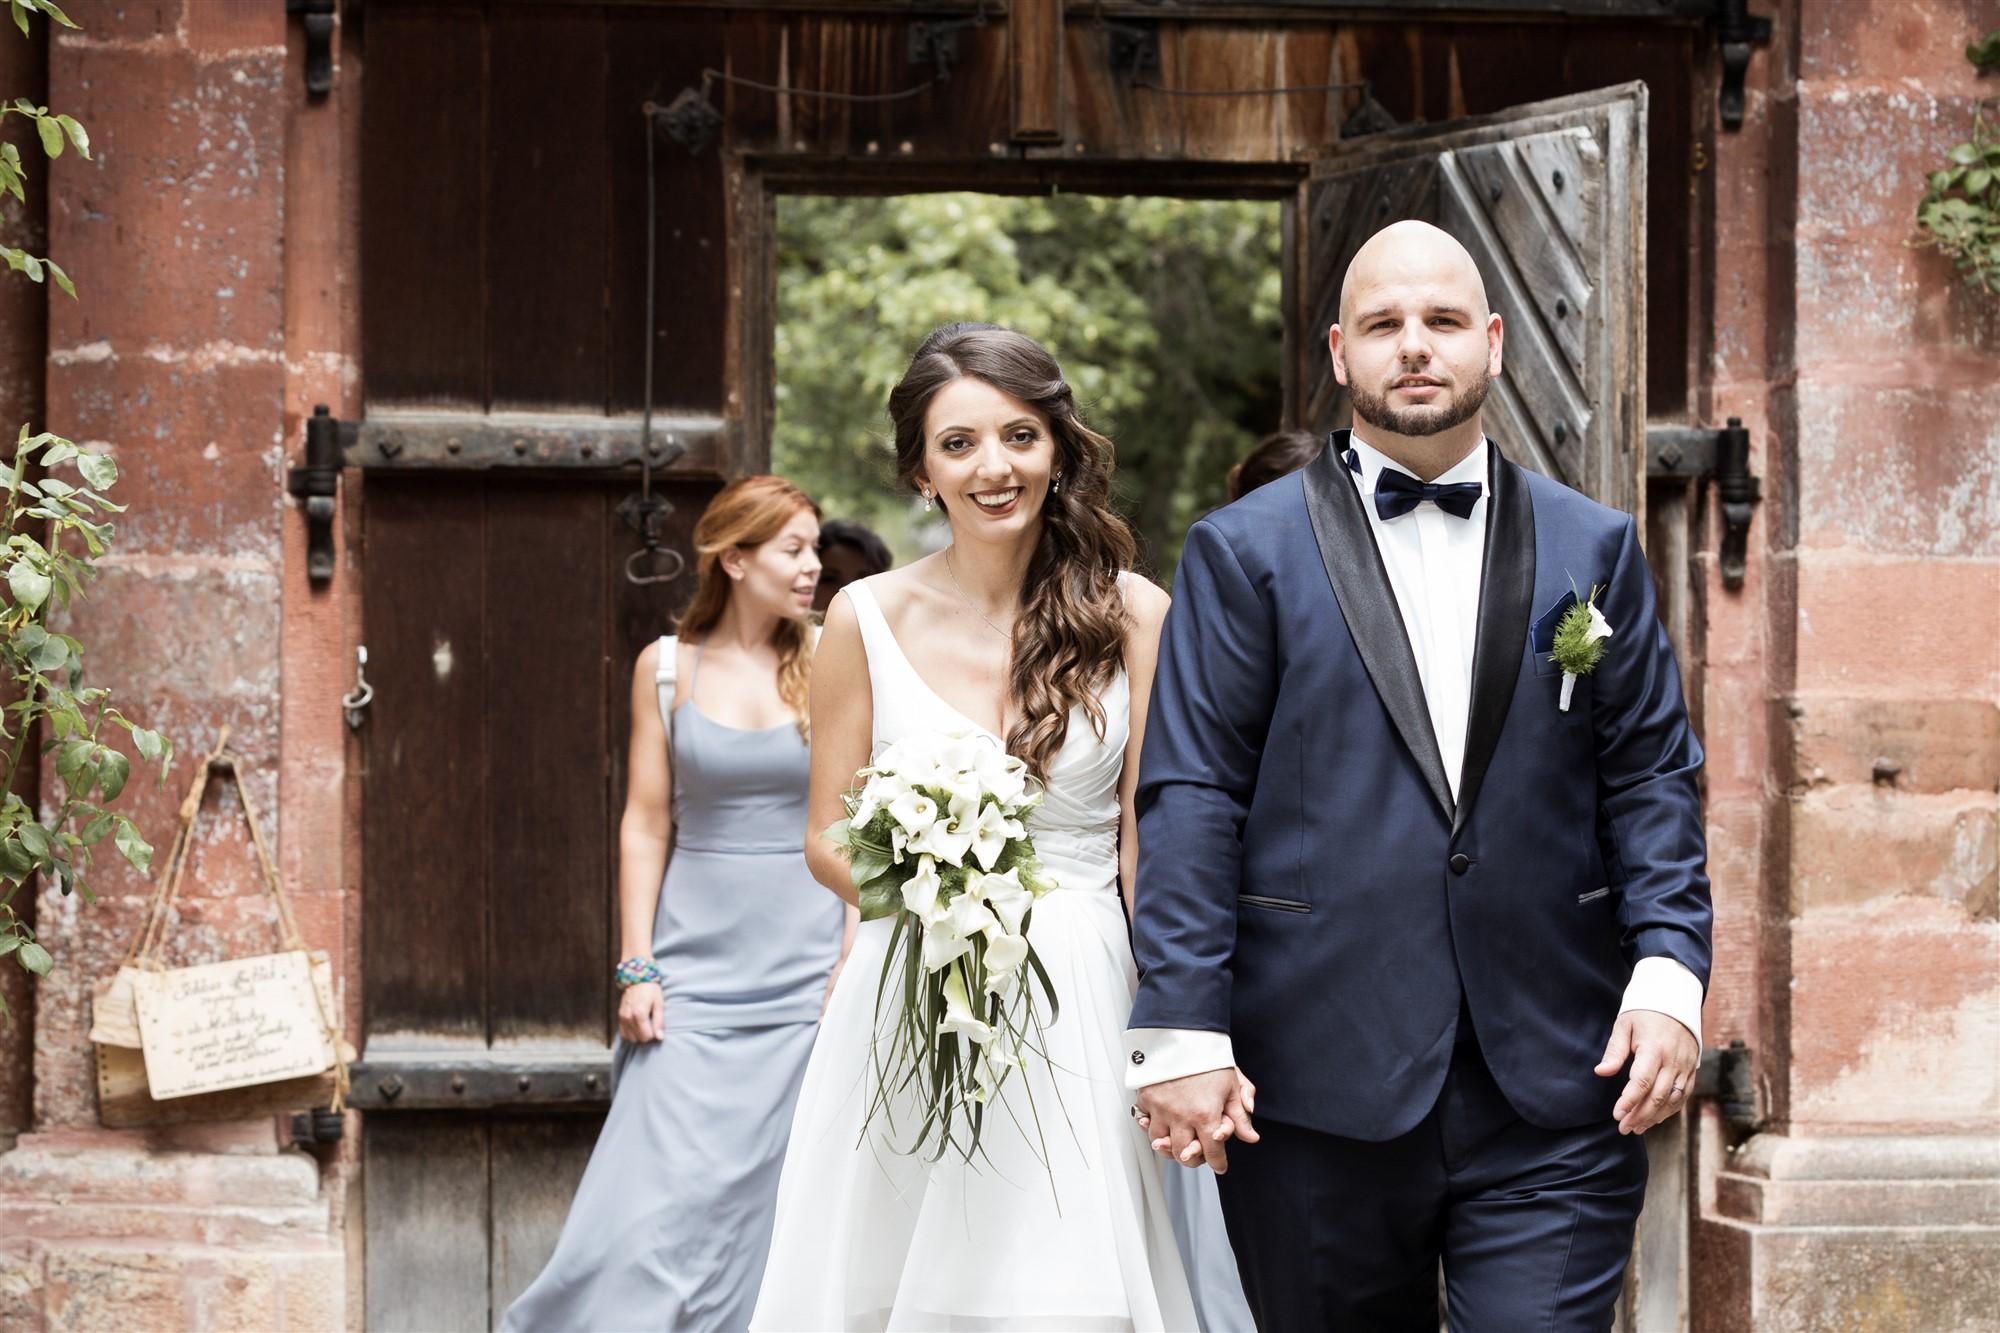 Hochzeit Schloss Wildenstein - Das Brautpaar schreitet zur zivilen Trauung